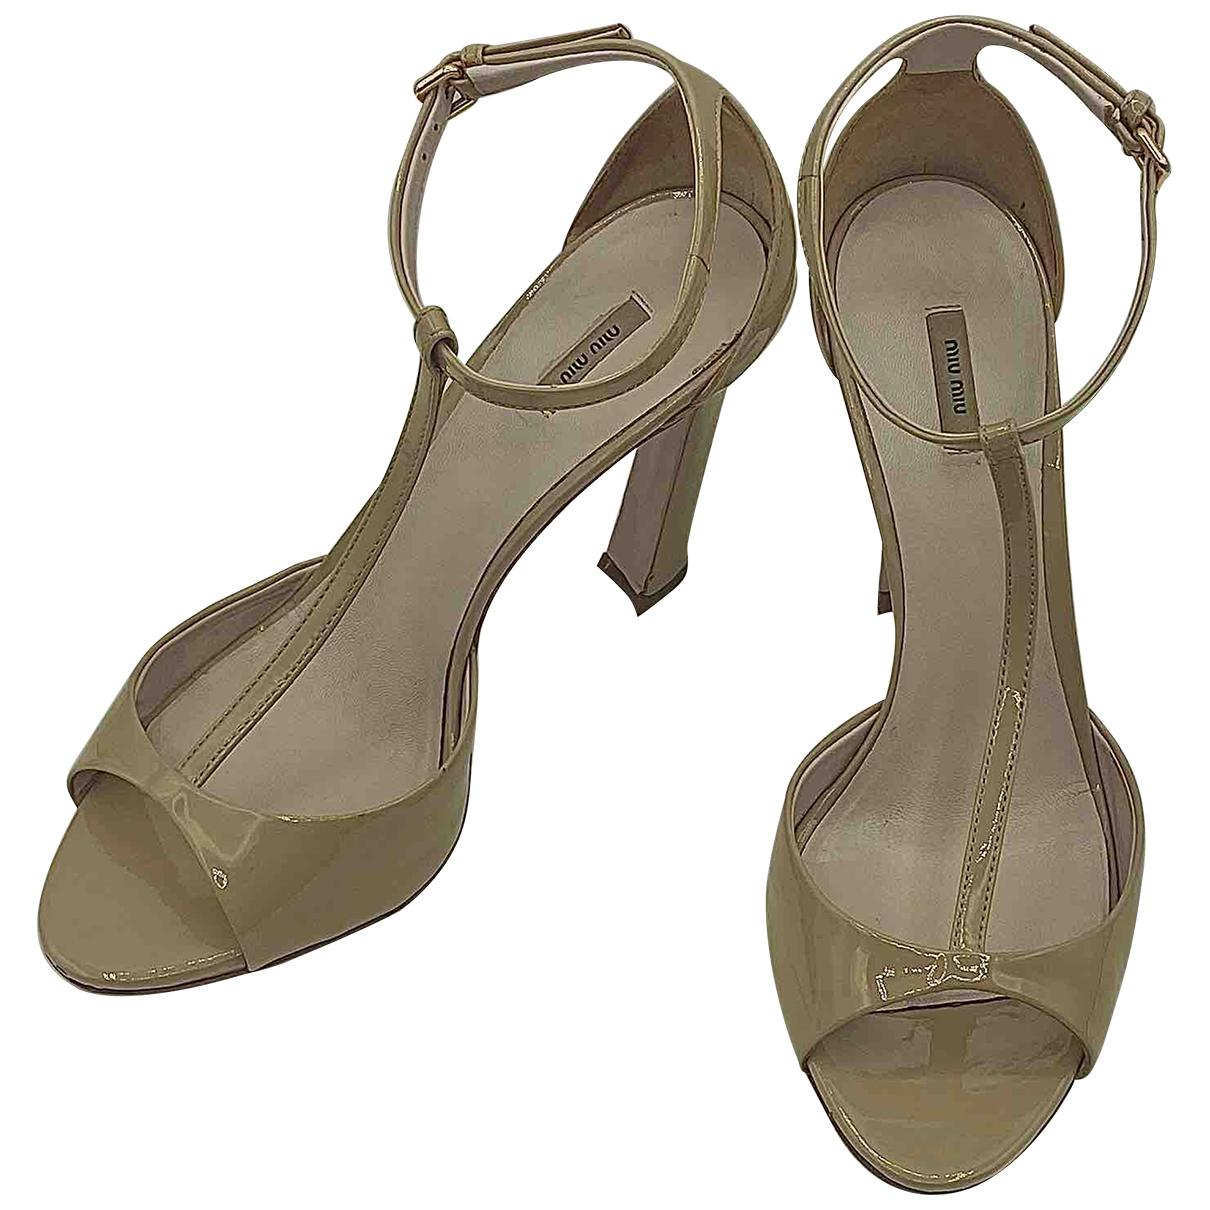 Miu Miu N Beige Patent leather Sandals for Women 37 EU